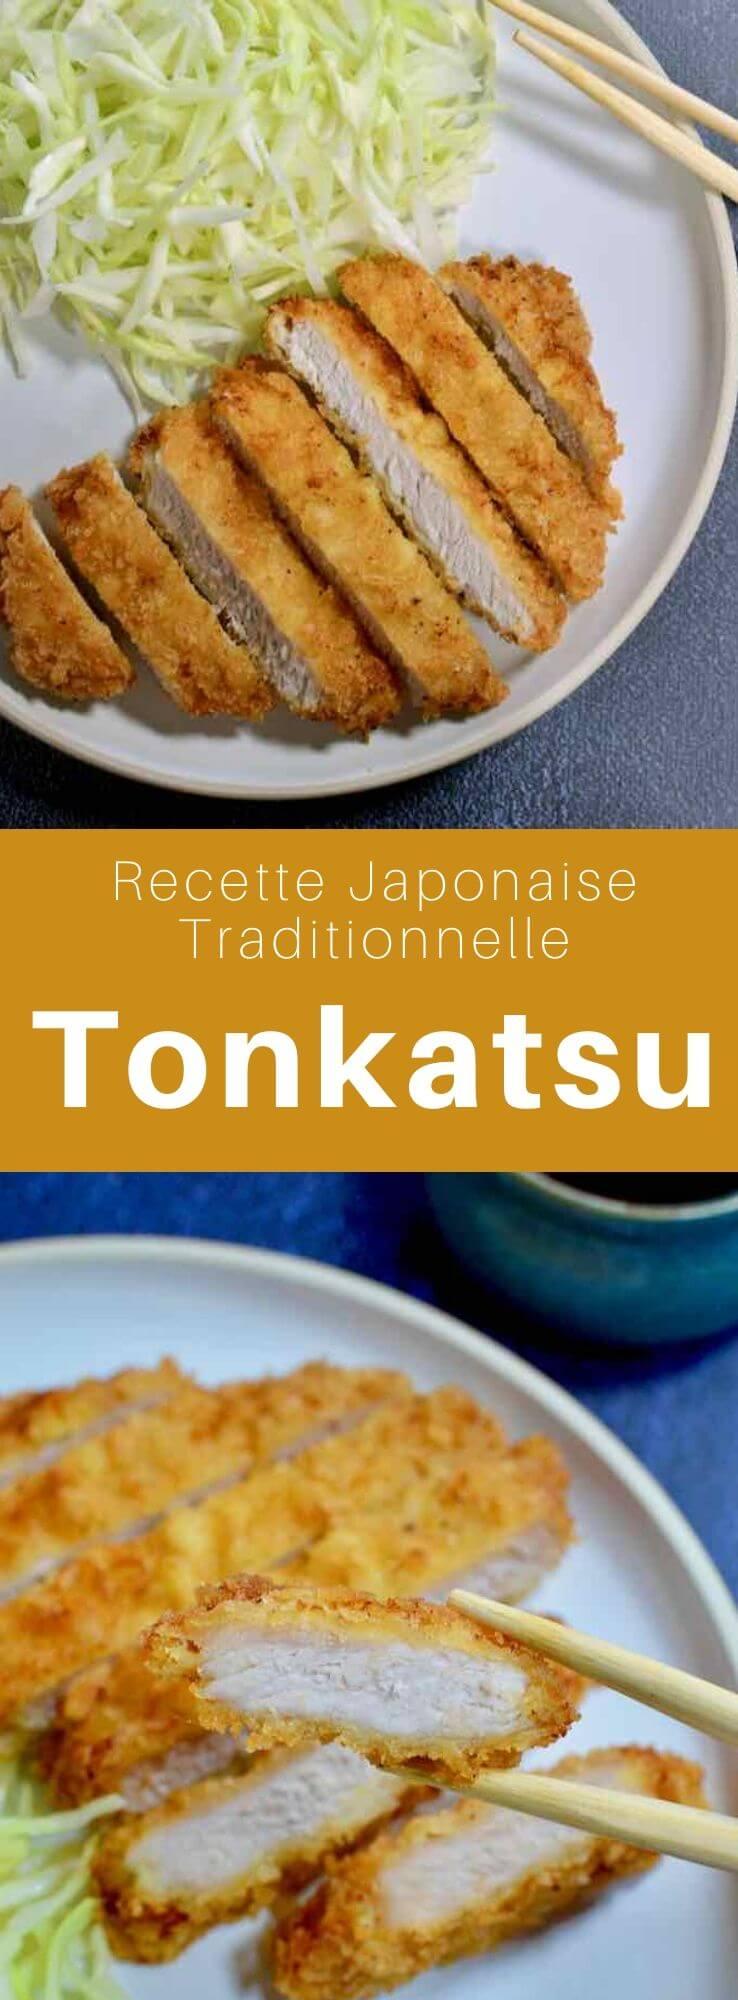 Le tonkatsu (豚カツ) est un délicieux plat traditionnel japonais qui se prépare avec des escalopes de porc panées, puis frites. #Japon #CuisineJaponaise #RecetteJaponaise #CuisineDuMonde #196flavors